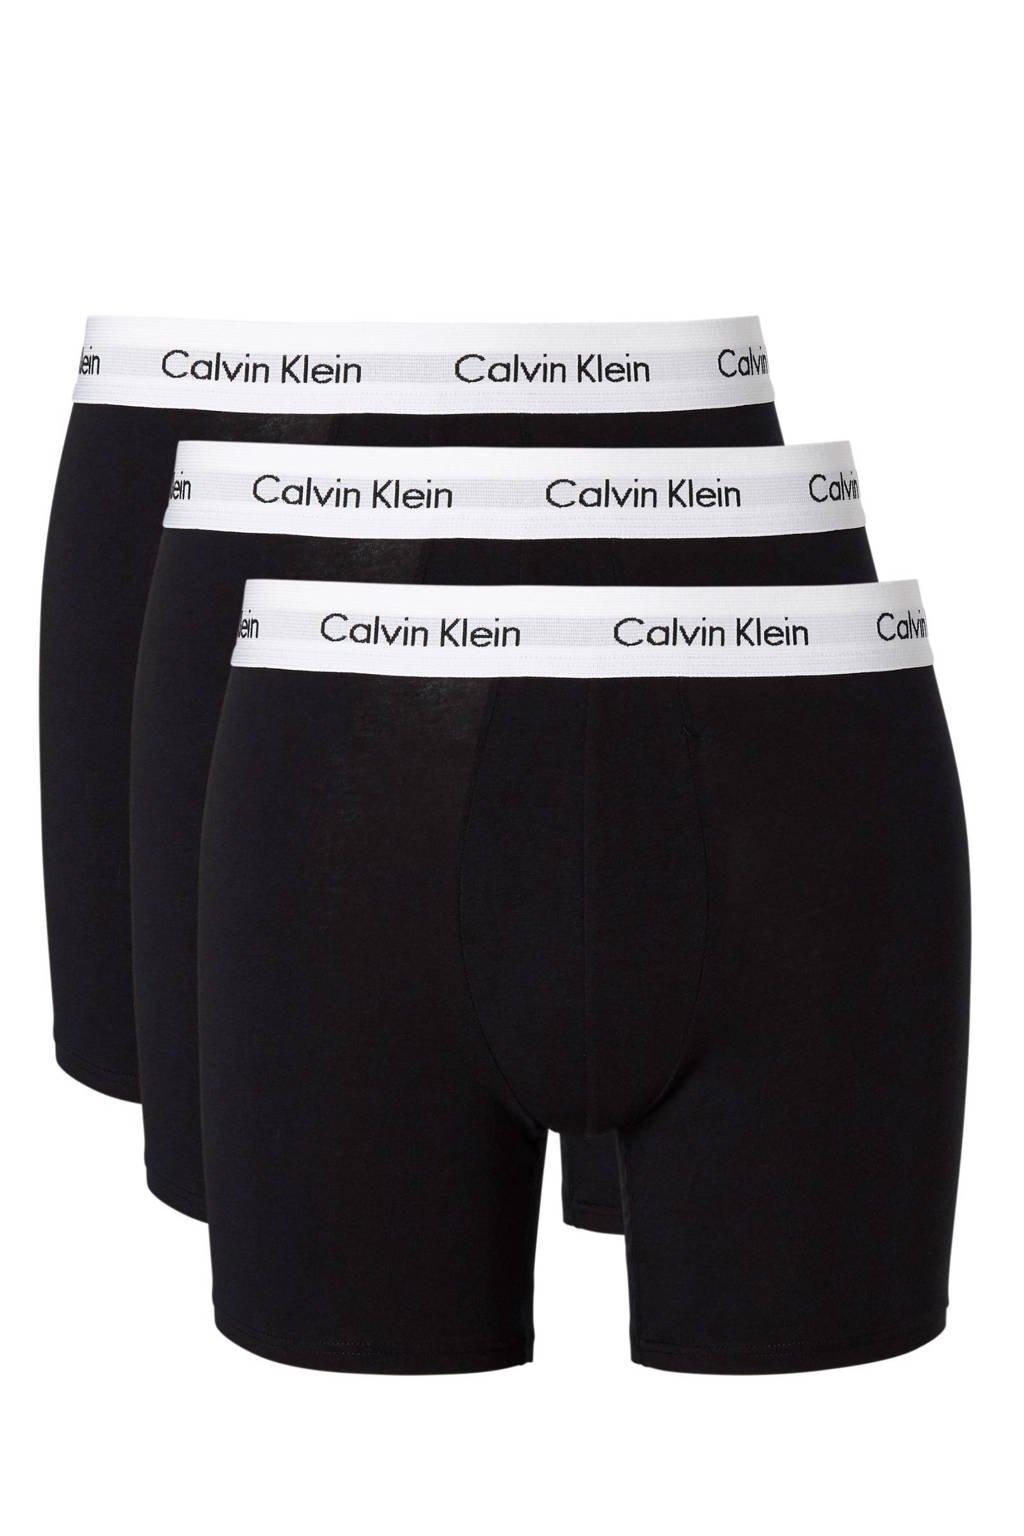 CALVIN KLEIN UNDERWEAR boxershort (set van 3), Zwart/wit